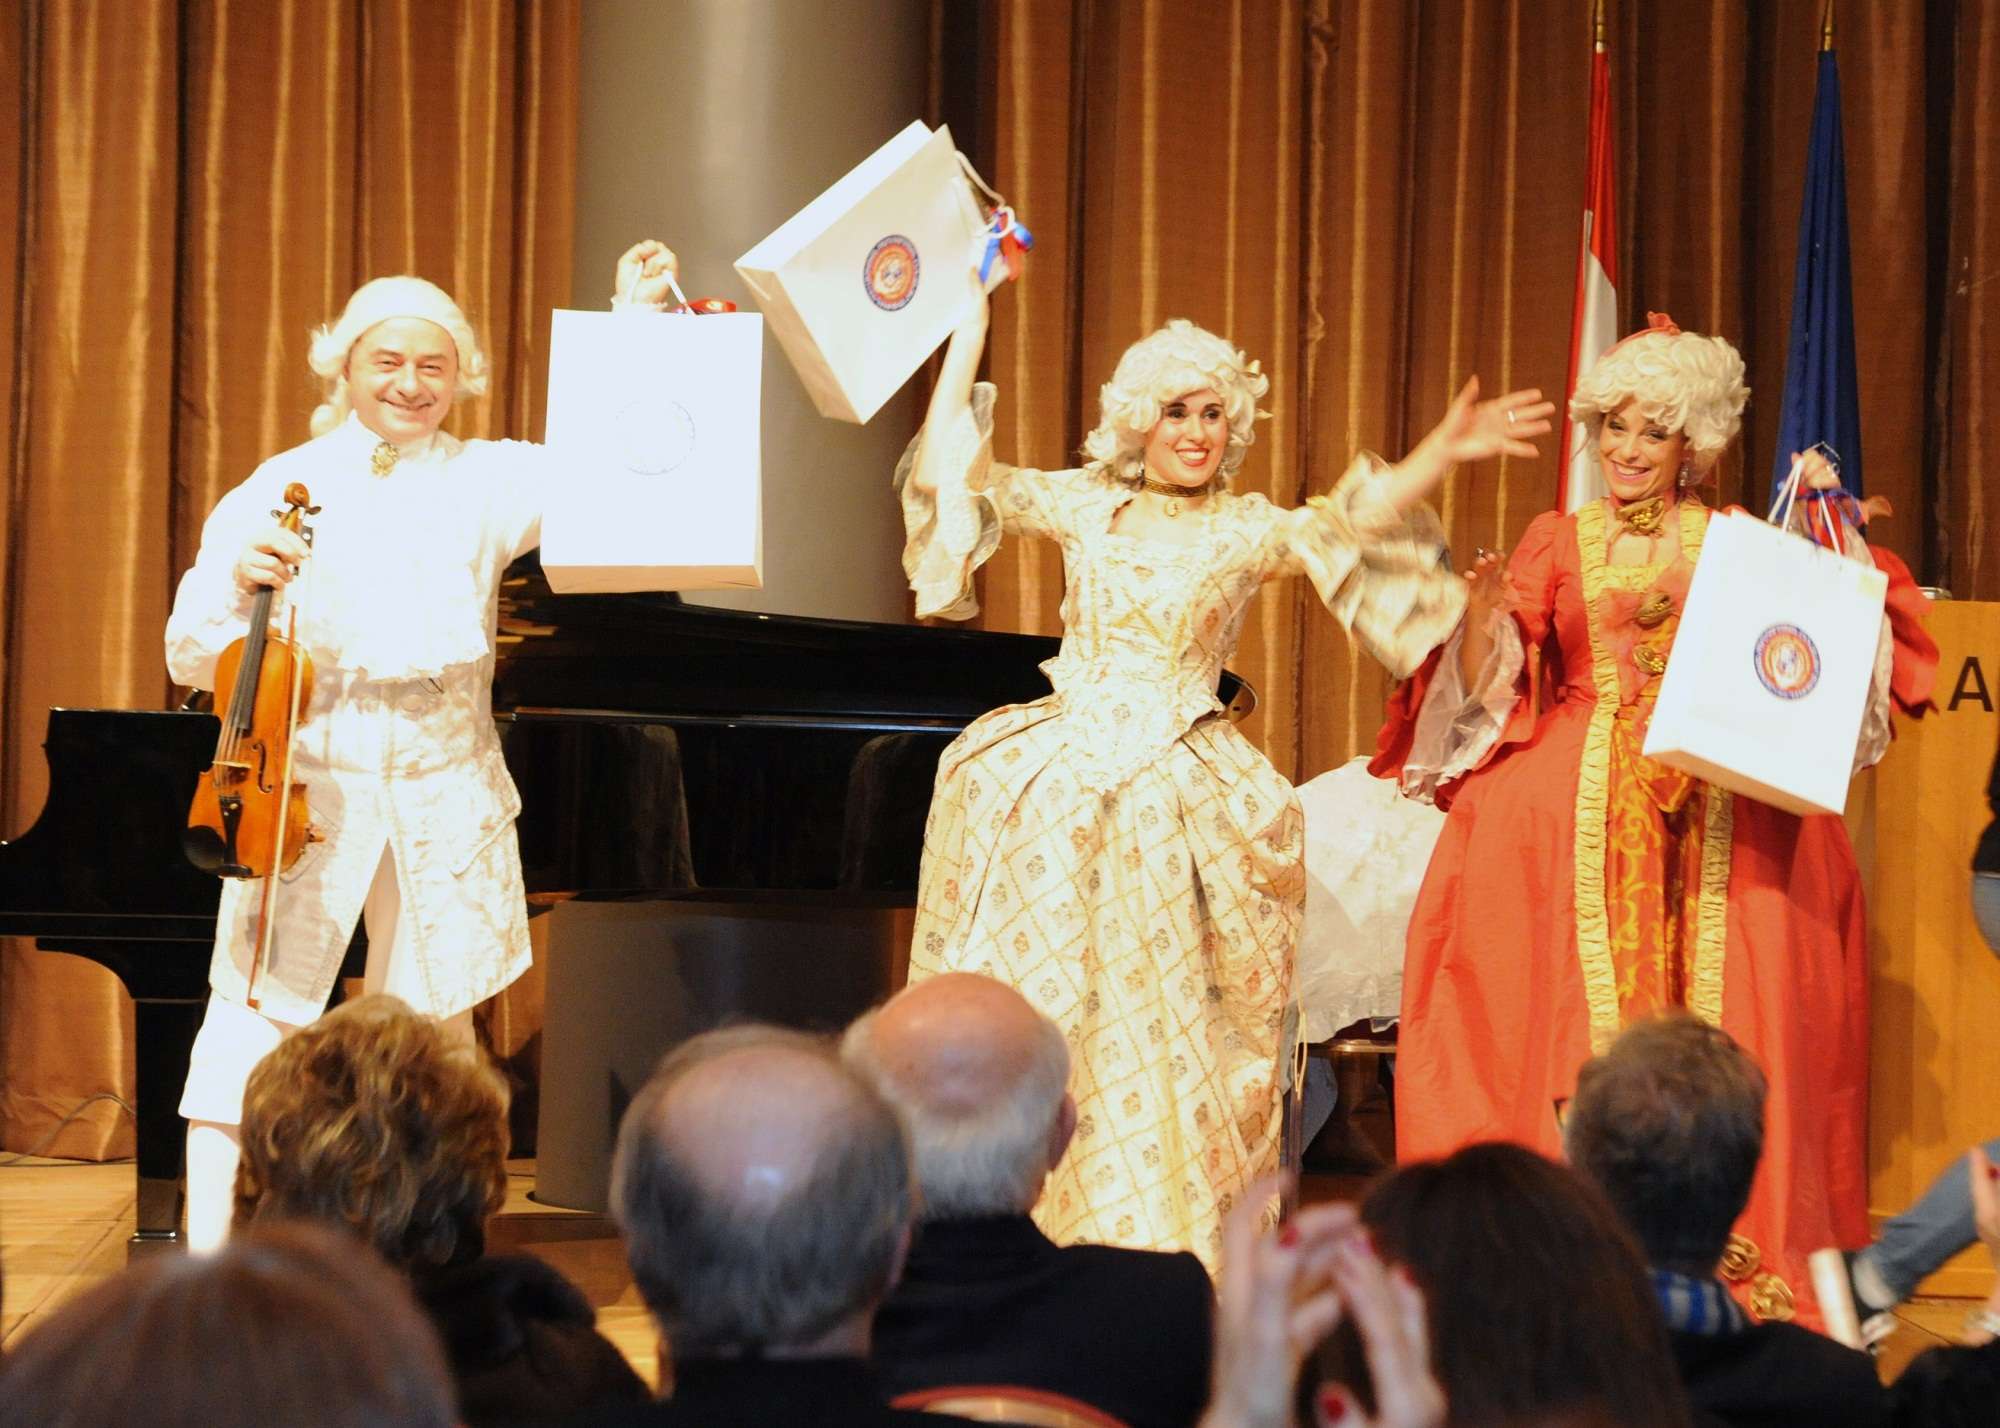 AGBU Lebanon brings on stage the Baroque Ensemble of Foggia (Italy)